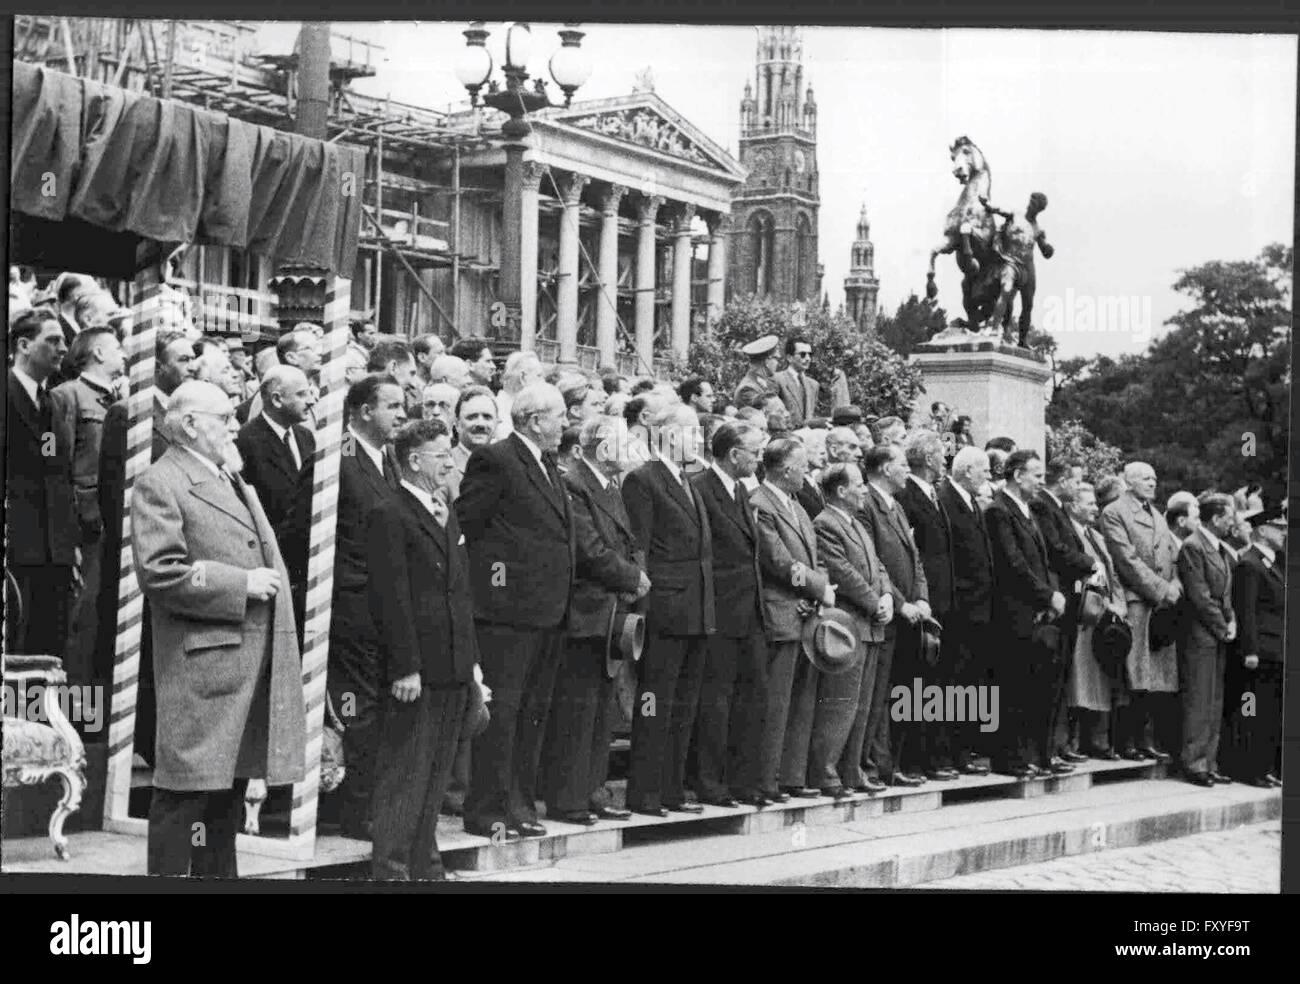 100 Jahrfeier der österreichischen Gendarmerie - Stock Image